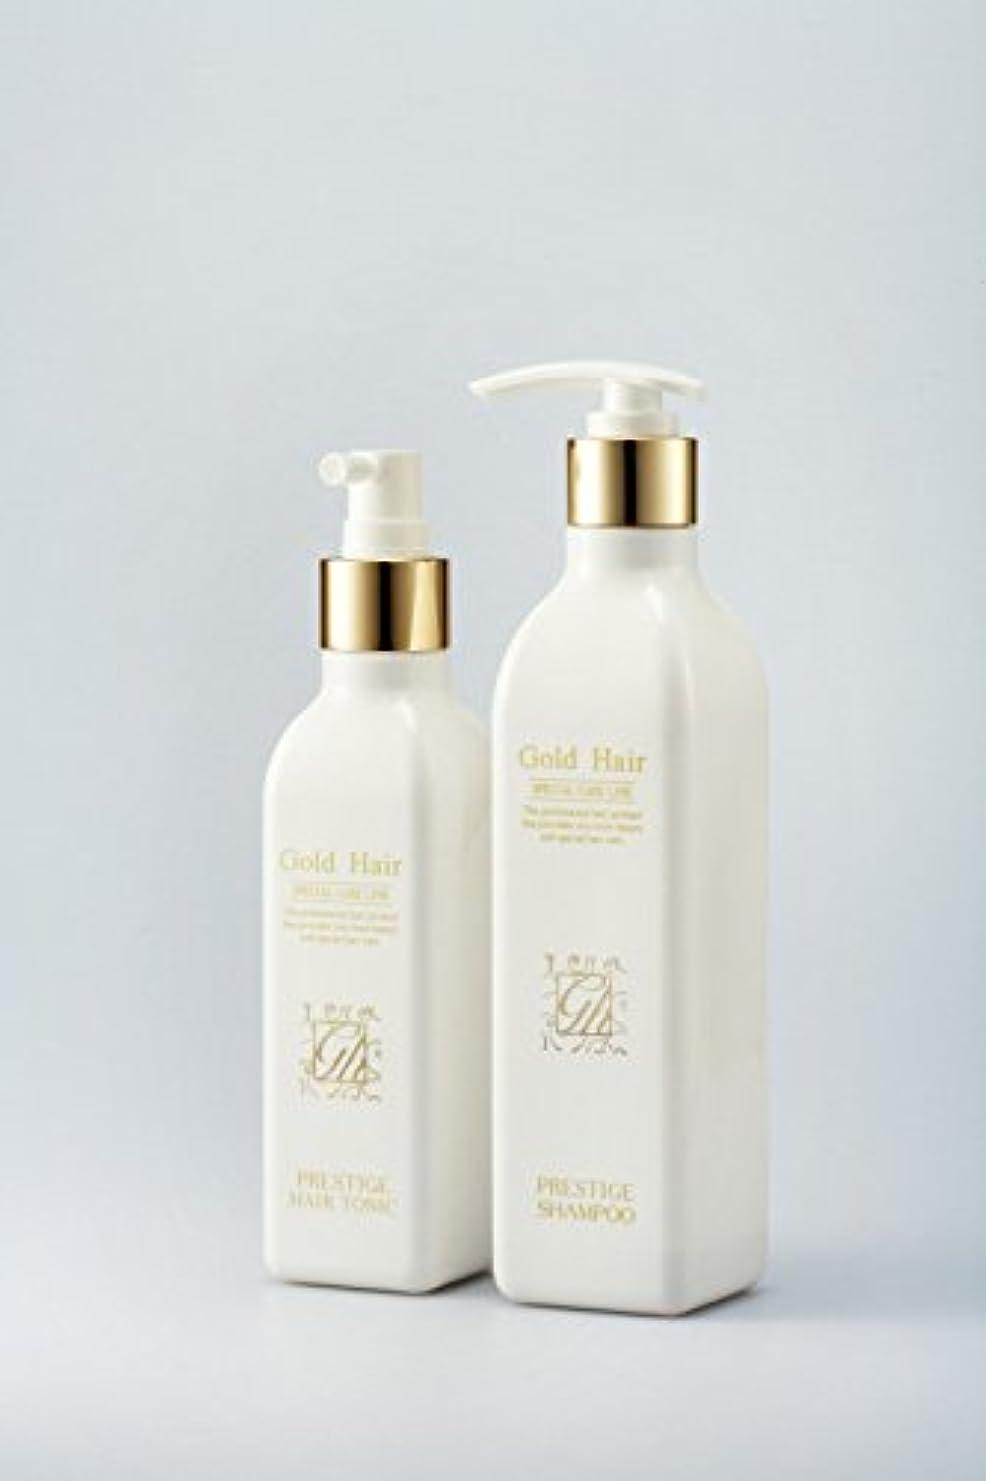 ブースト既婚ランクゴールドヘア育毛シャンプー&トニック 漢方シャンプー /Herbal Hair Loss Fast Regrowth Gold Hair Loss Shampoox1ea & Gold Hair Oriental Herbal...